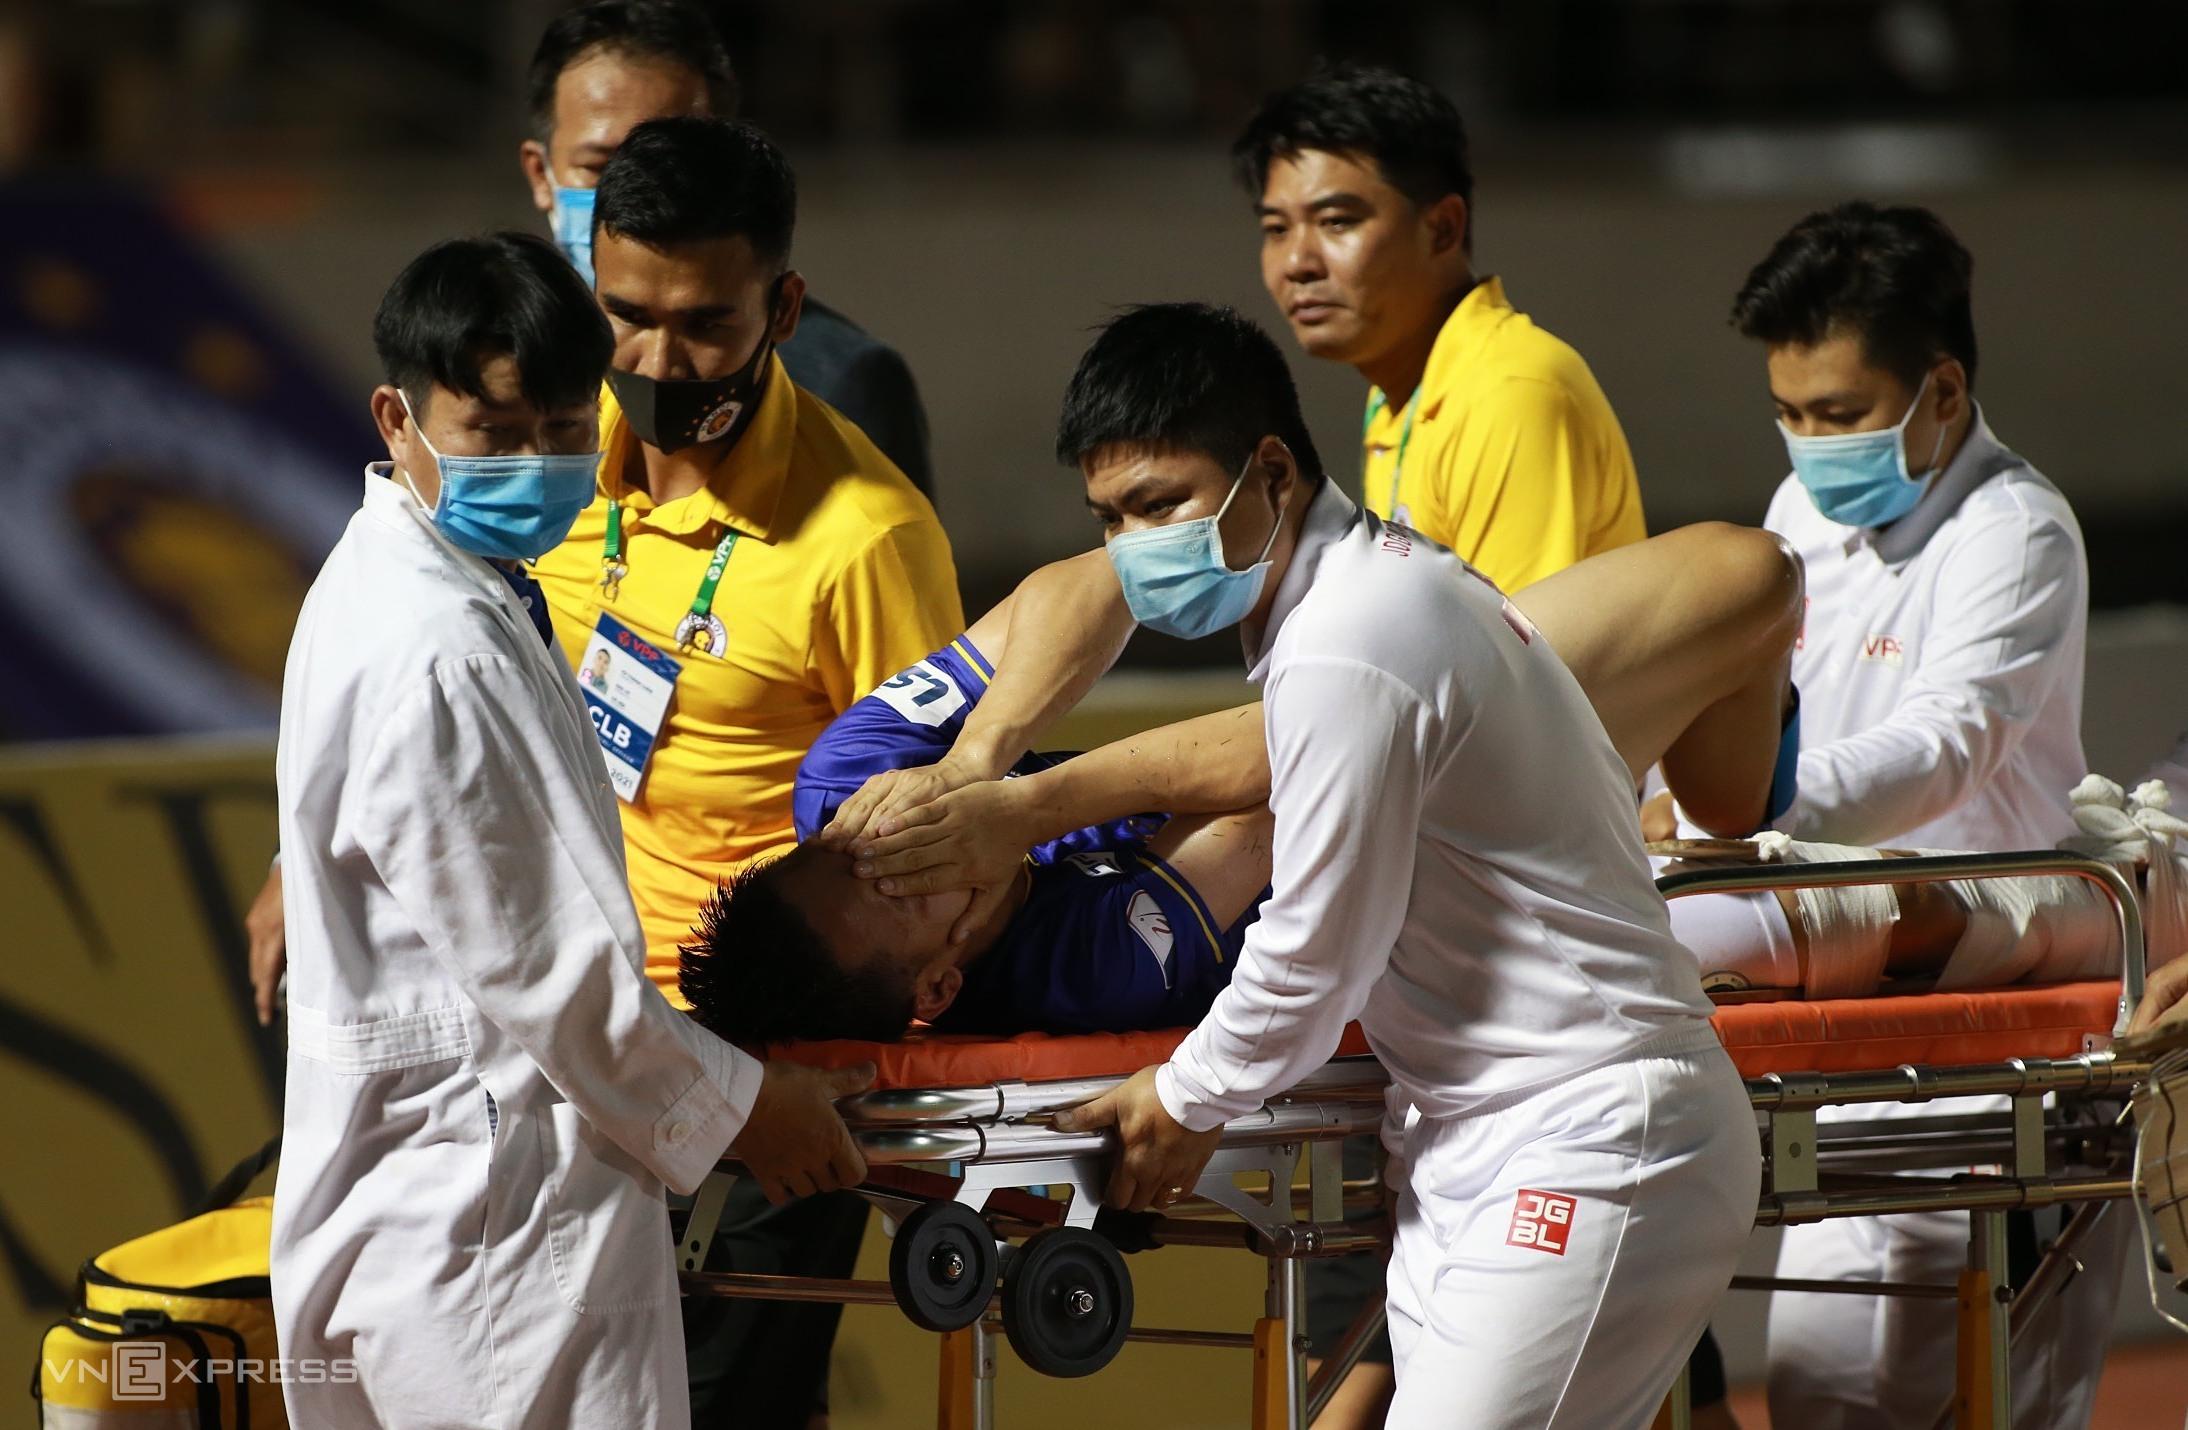 Chân phải của Hùng Dũng được nẹp và băng kín ngay trên sân, trước khi chuyển đến bệnh viện. Ảnh: Lâm Thỏa.